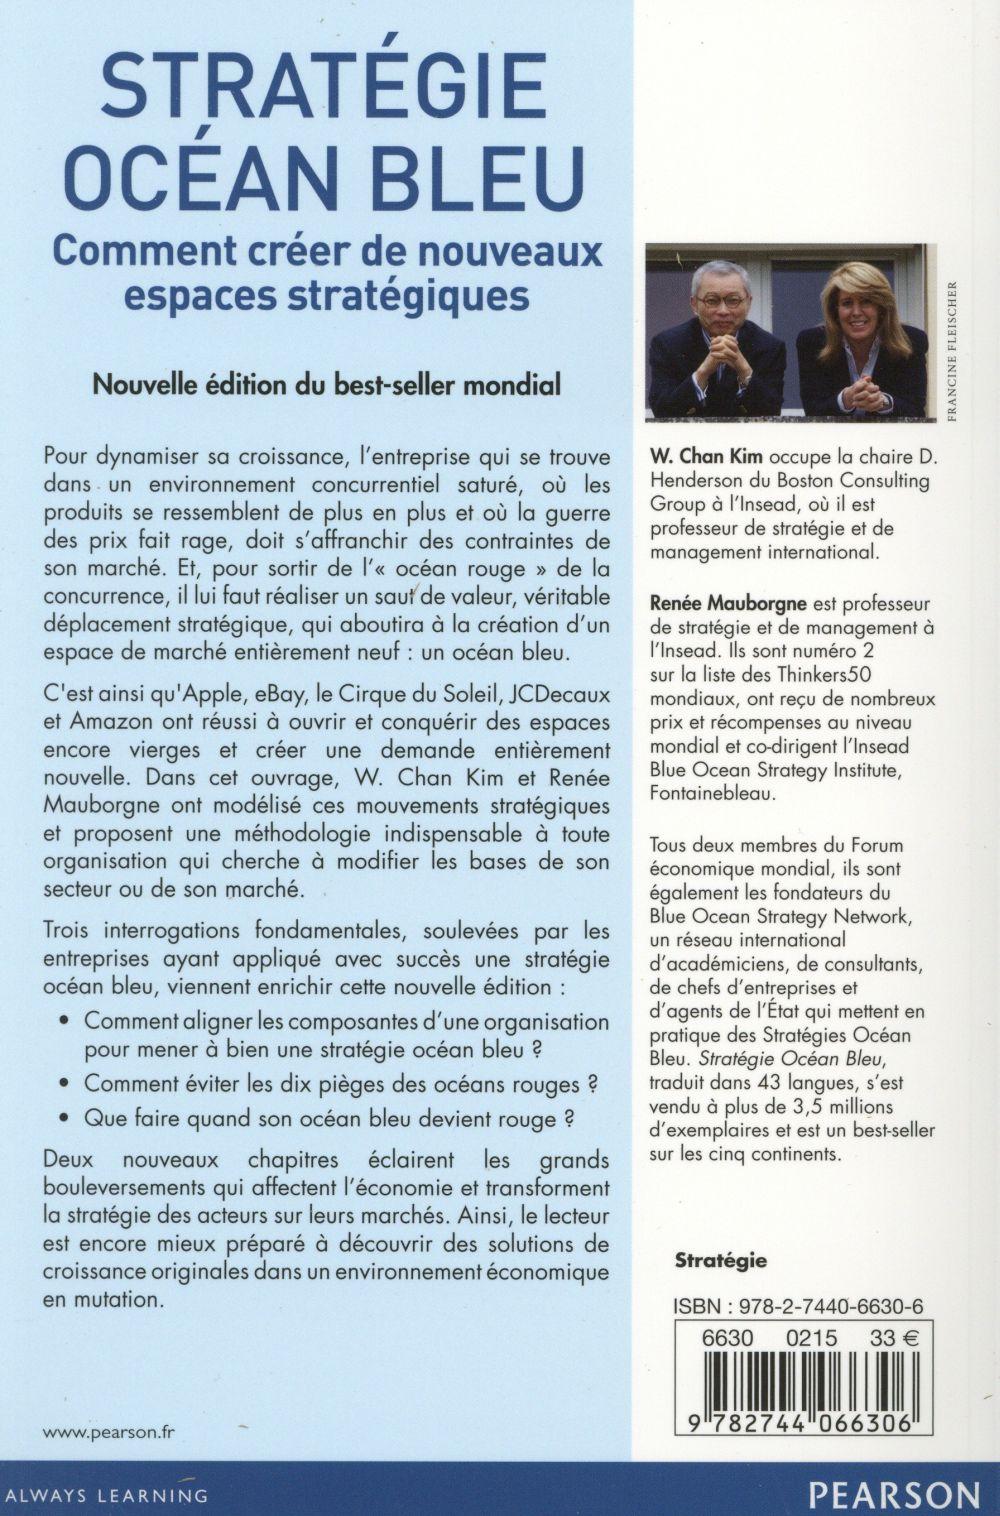 Stratégie océan bleu ; comment créer de nouveaux espaces stratégiques (2e édition)